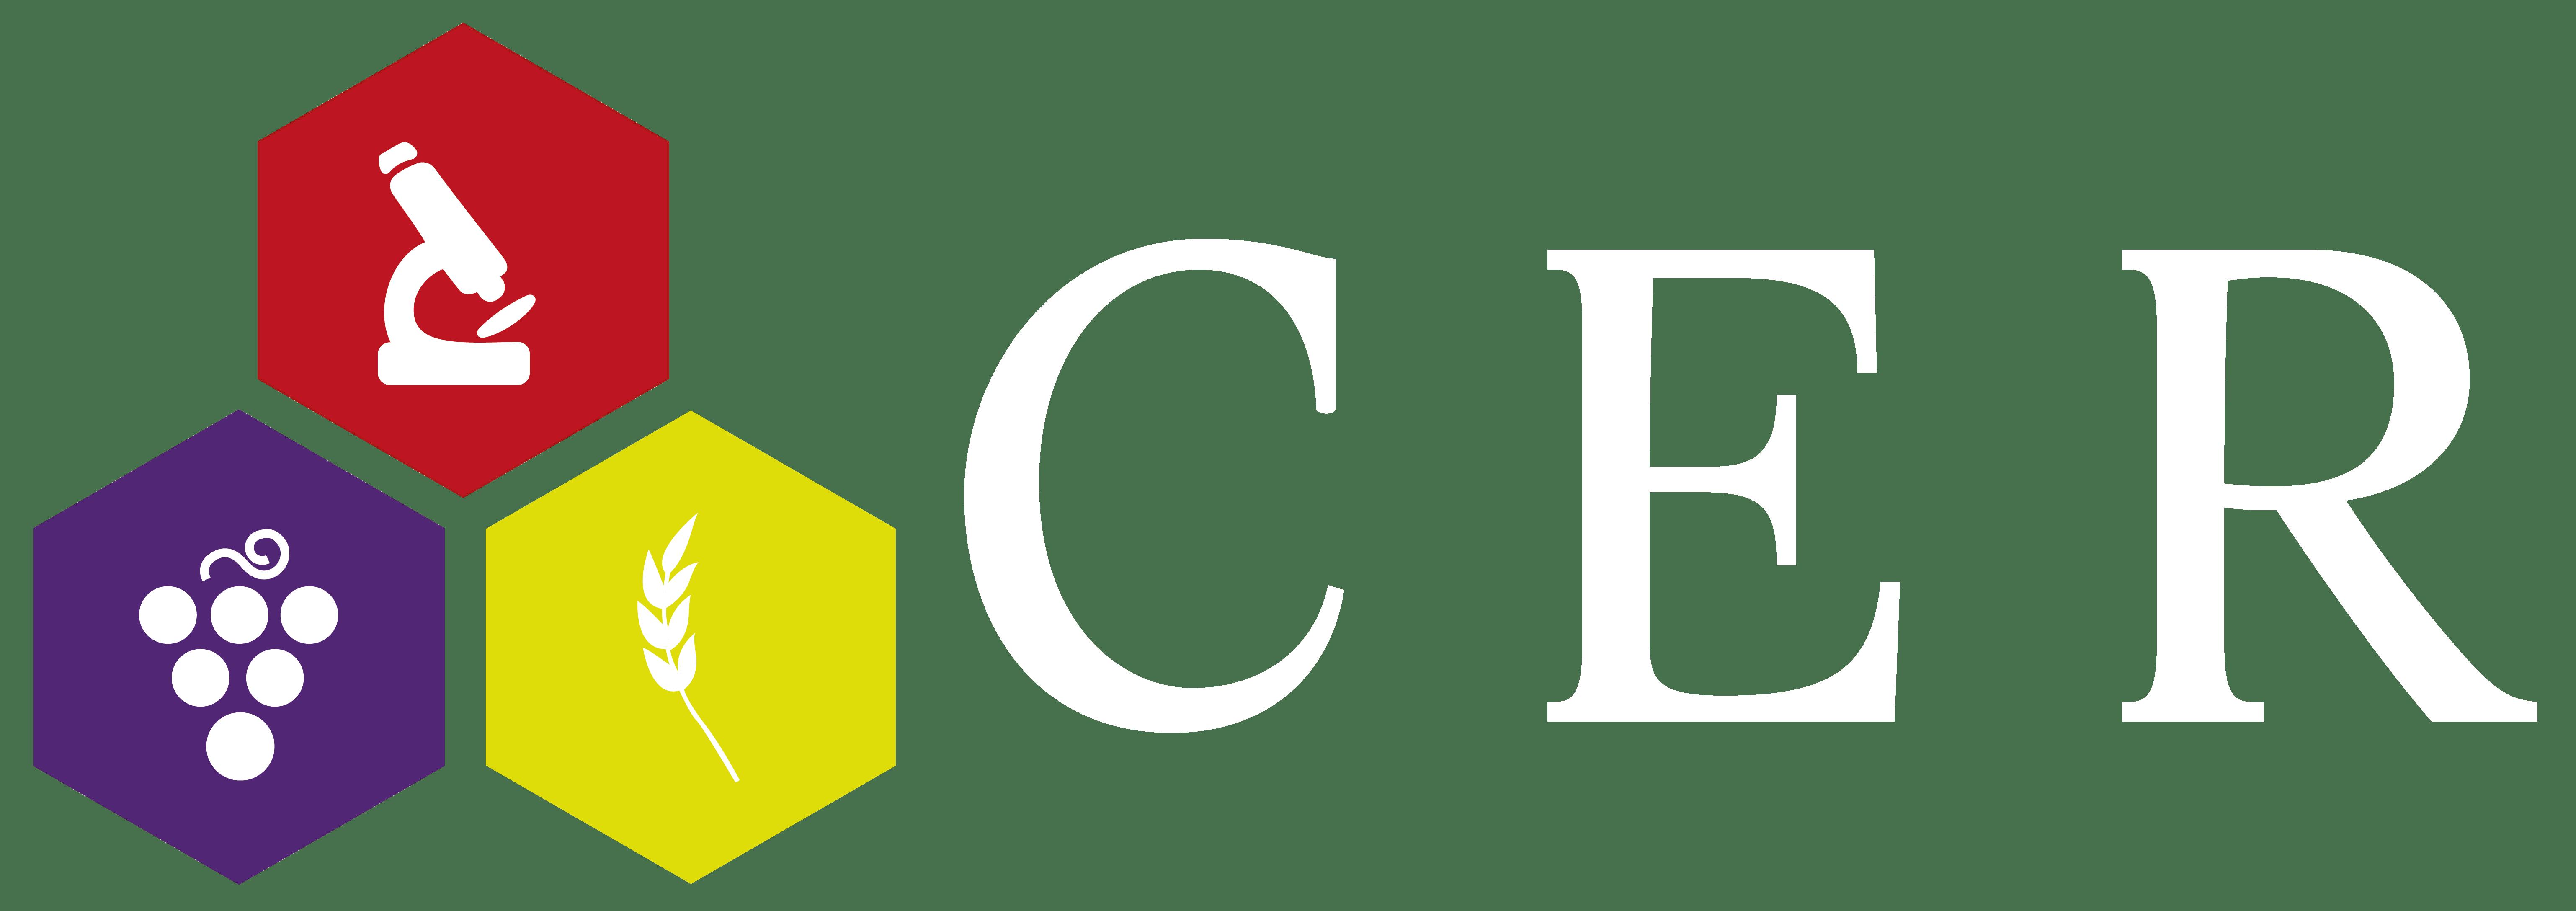 logo-cer-01